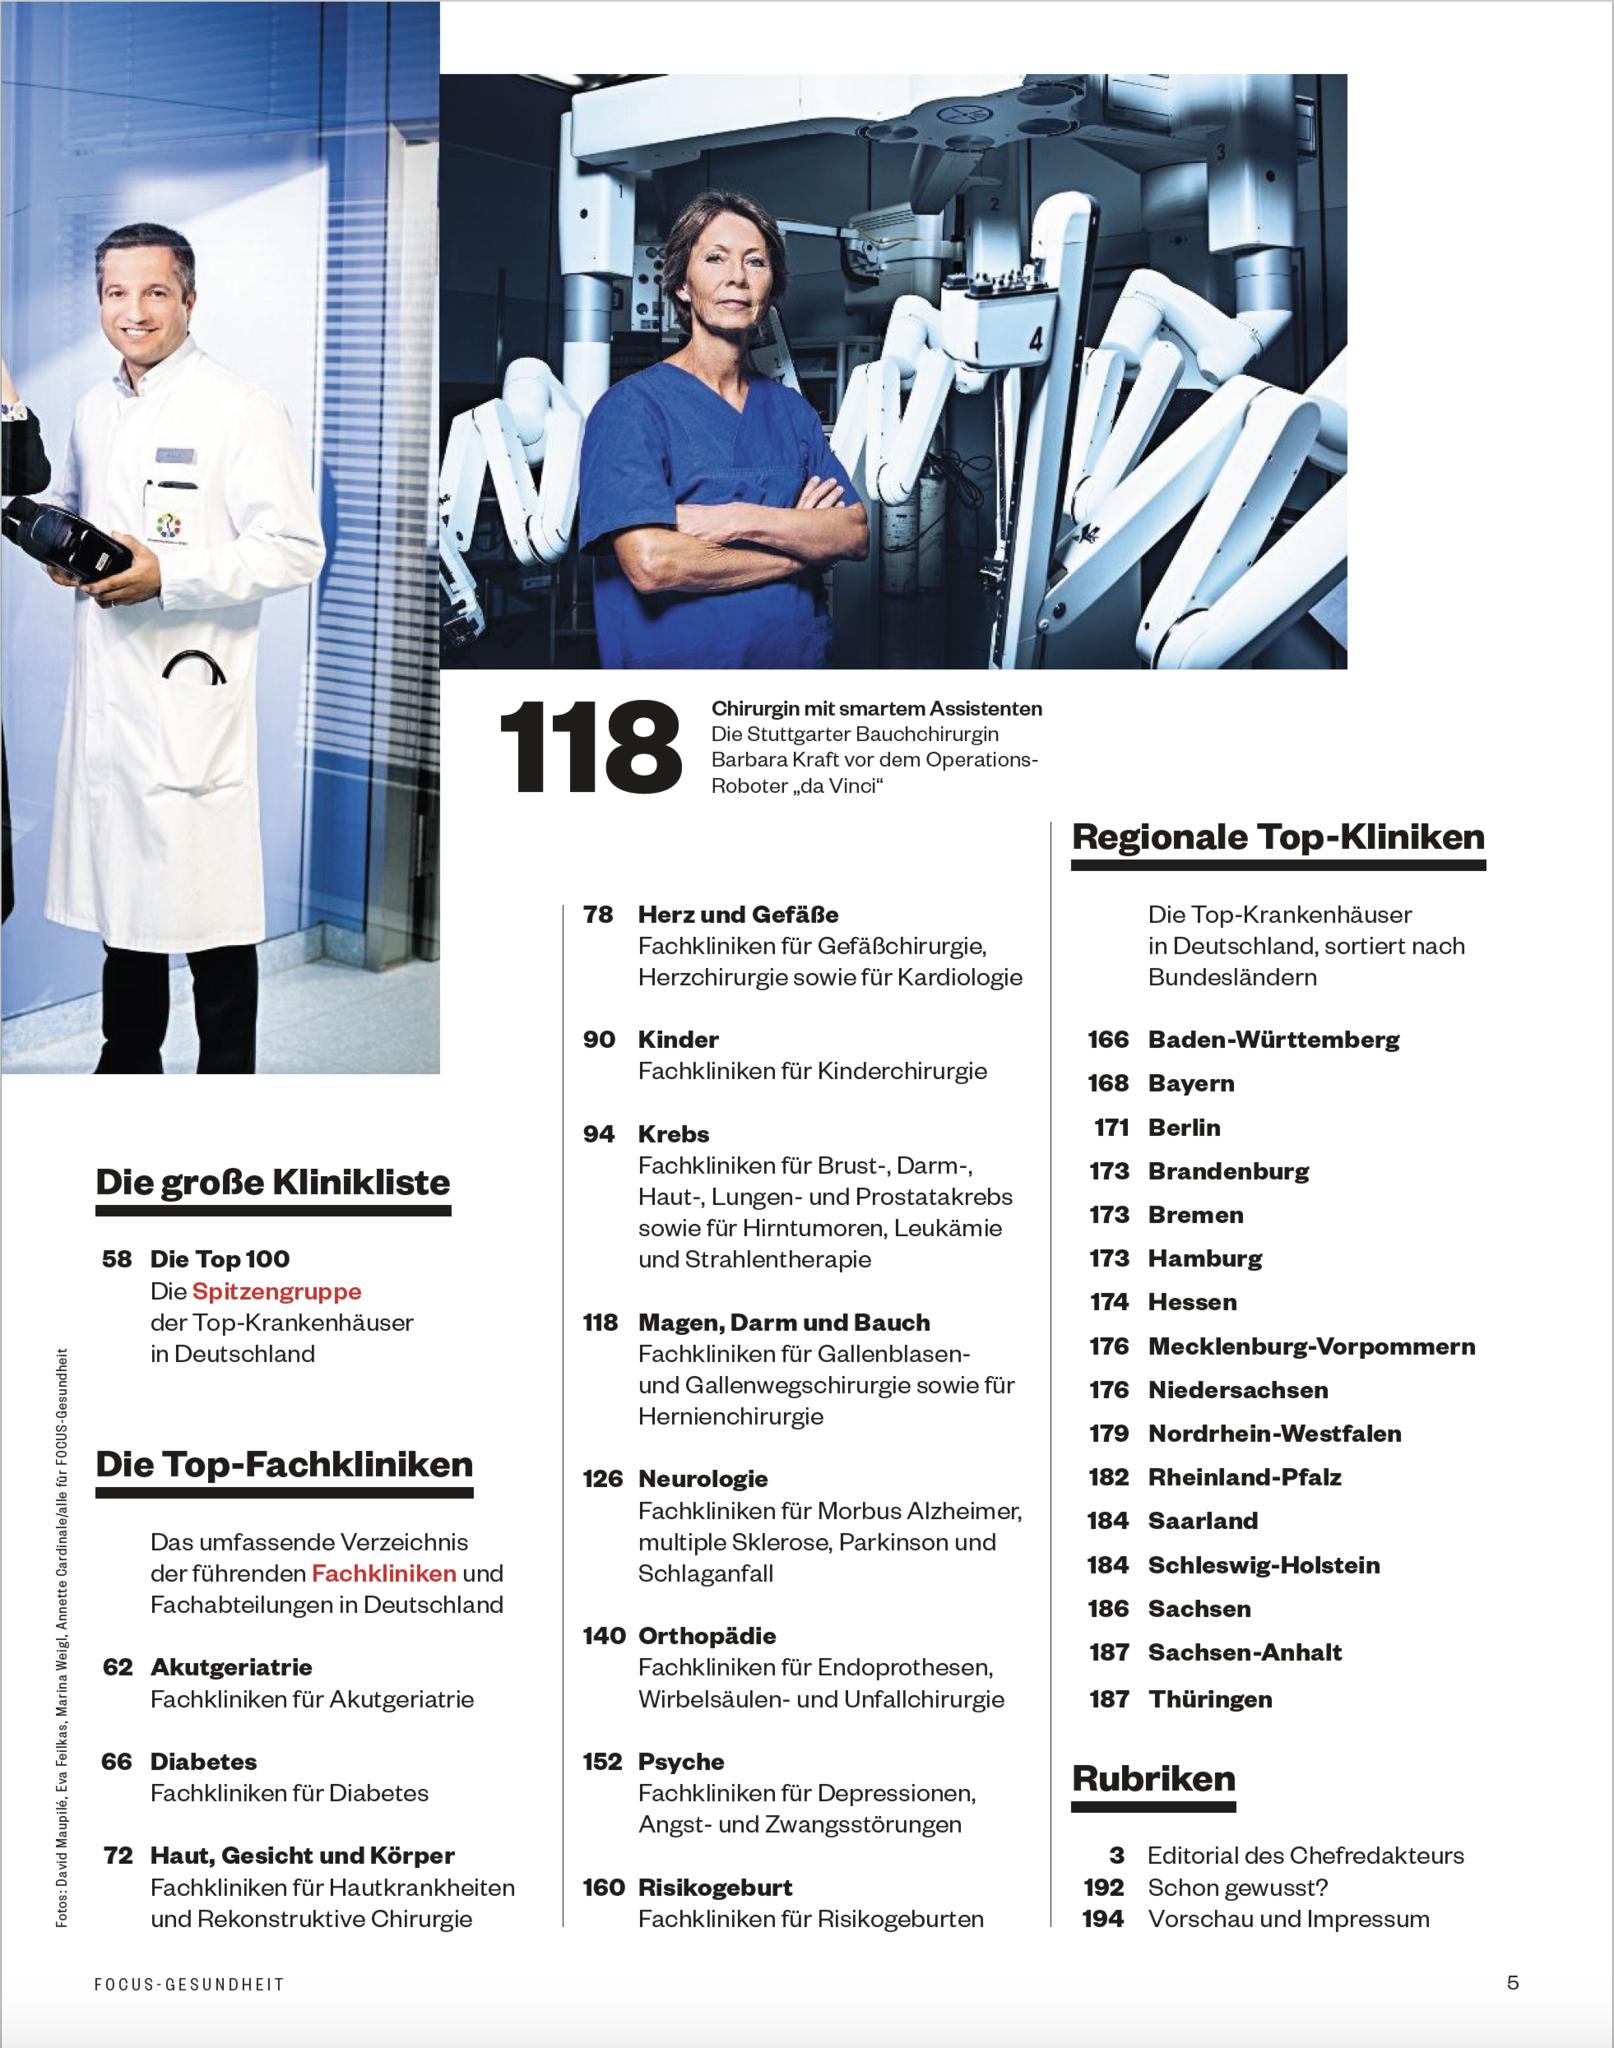 FOCUS-GESUNDHEIT  FOCUS GESUNDHEIT - Klinikliste 2020